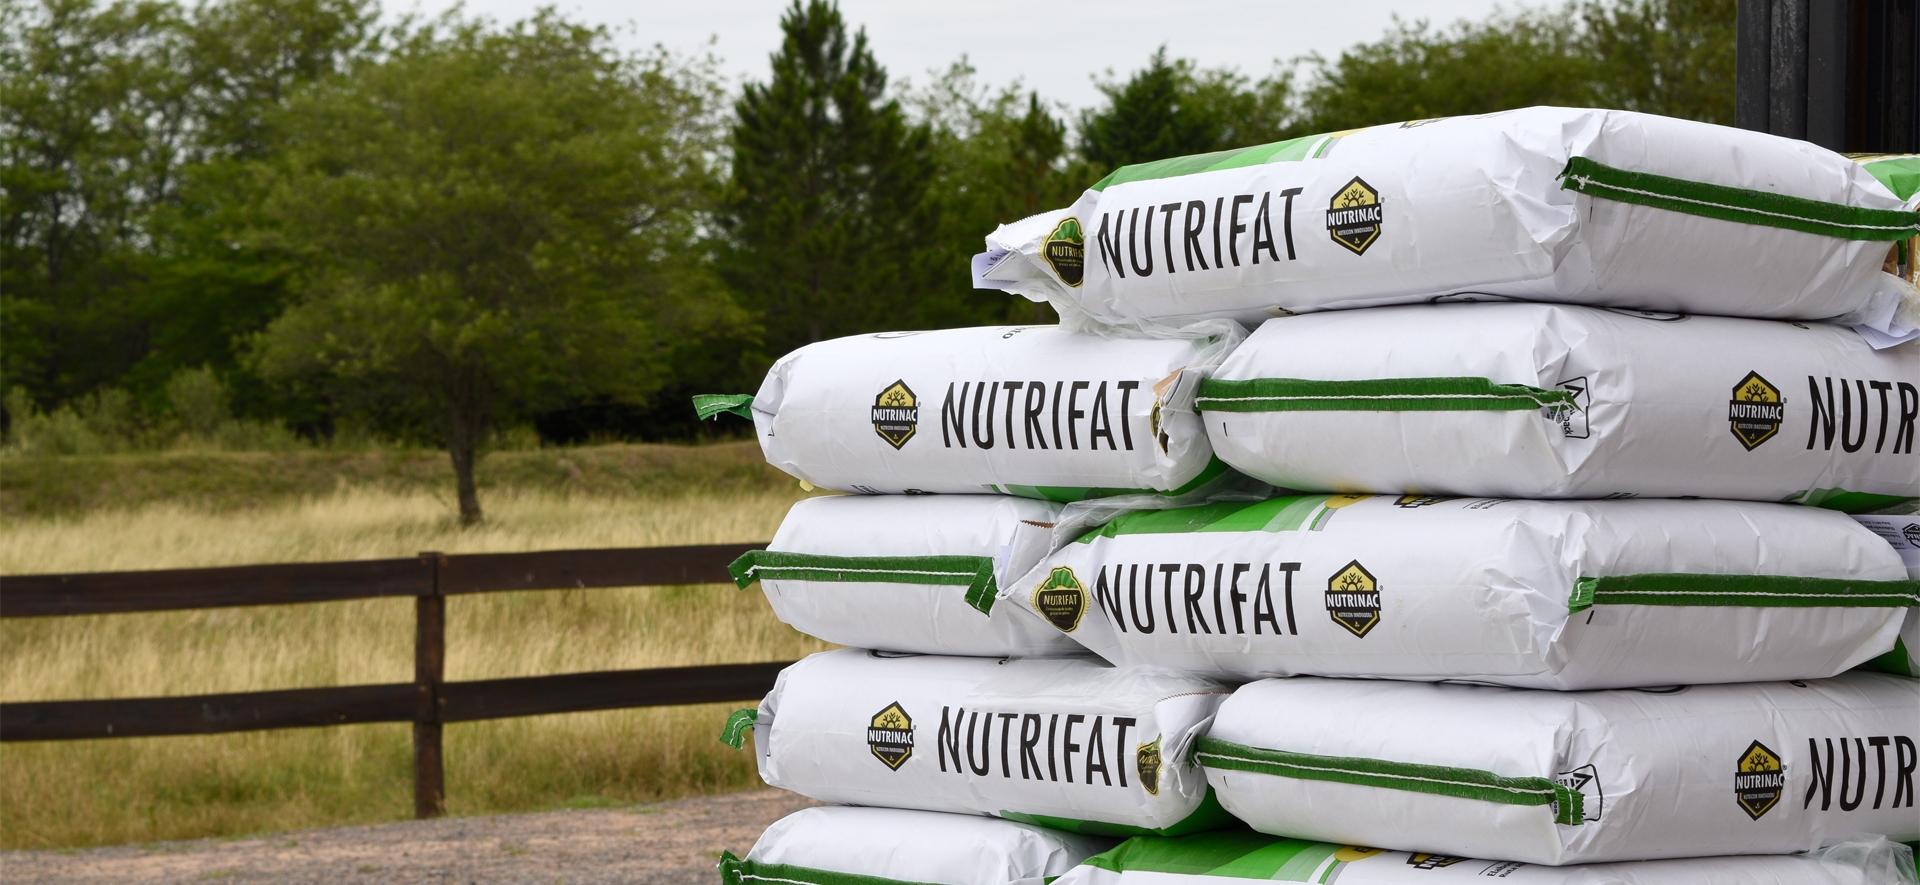 Productos Nutrifat : Una fórmula única de alta eficiencia